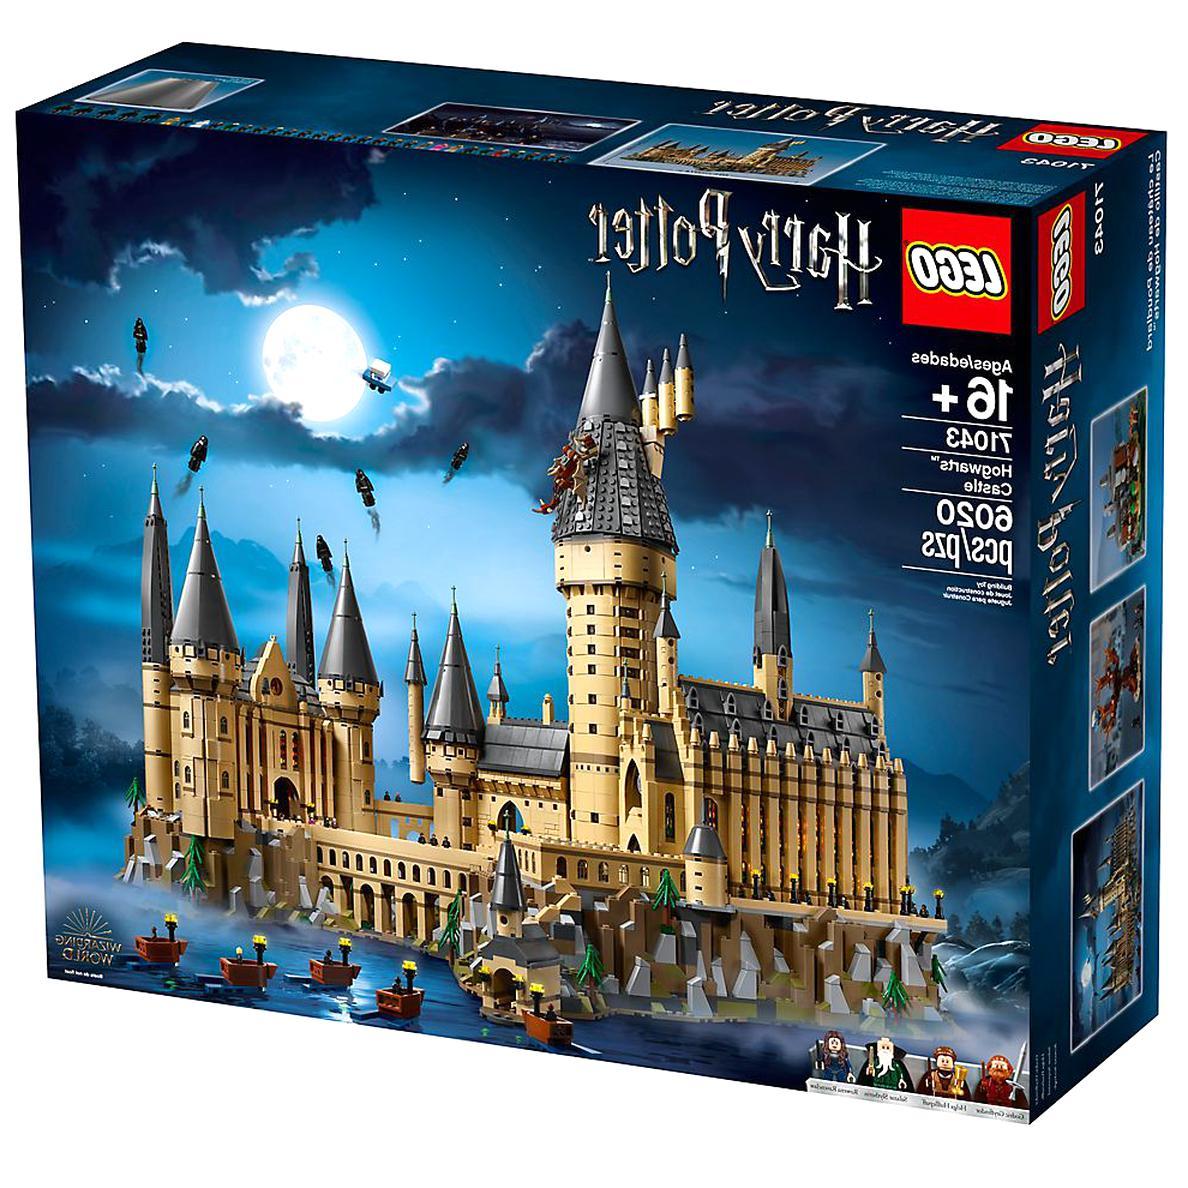 Lego Harry Potter Hogwarts Castle for sale | Only 2 left at -60%